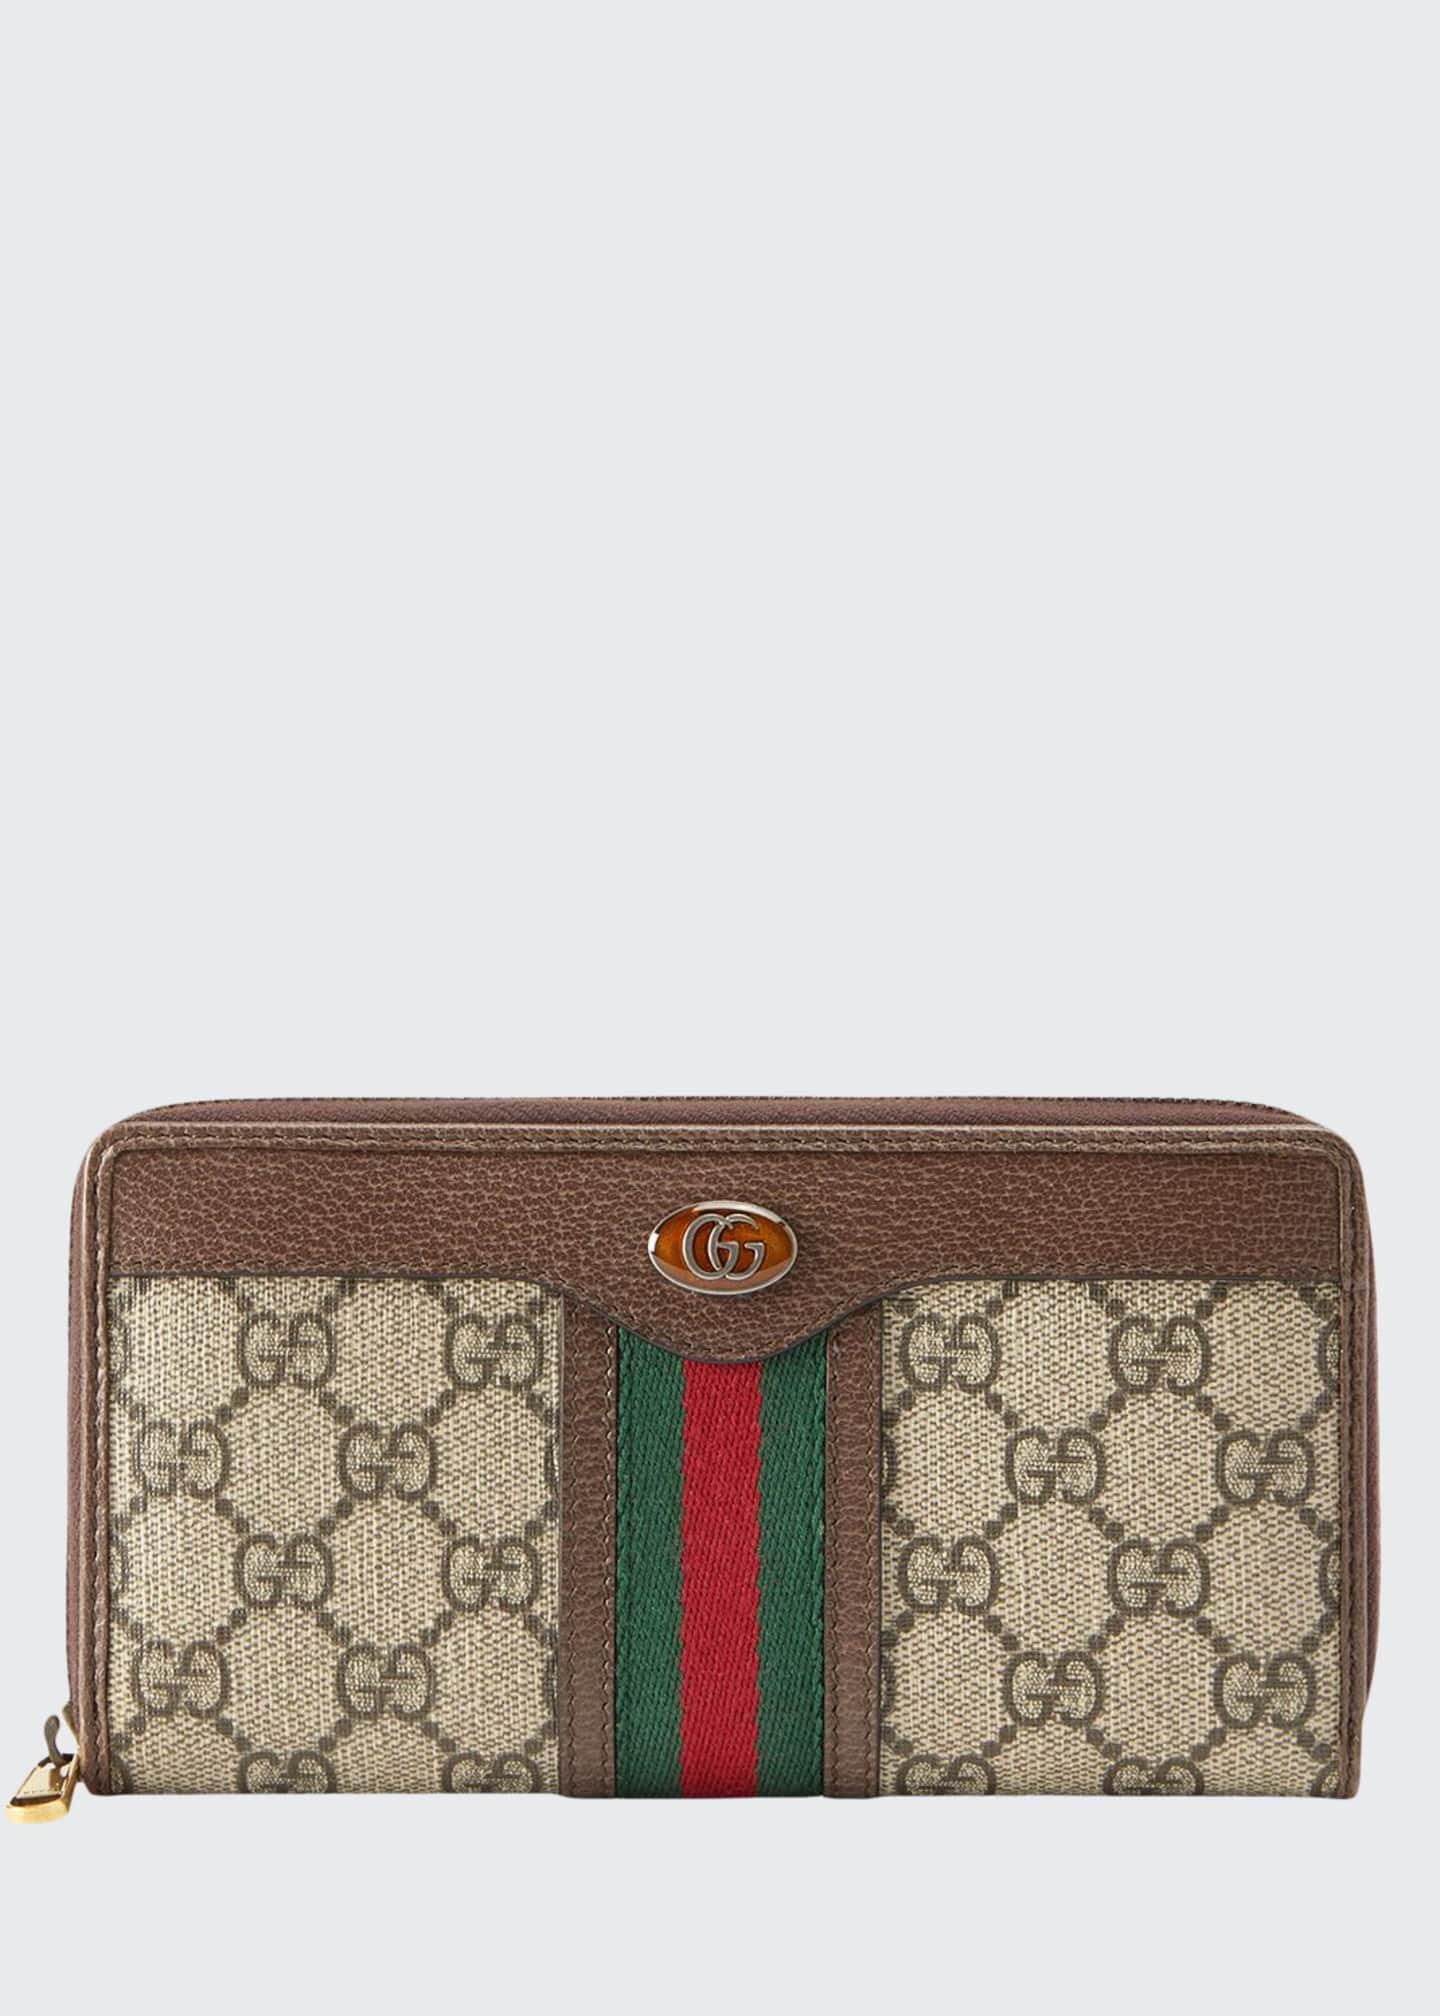 Gucci Men's GG Supreme Zip-Around Wallet